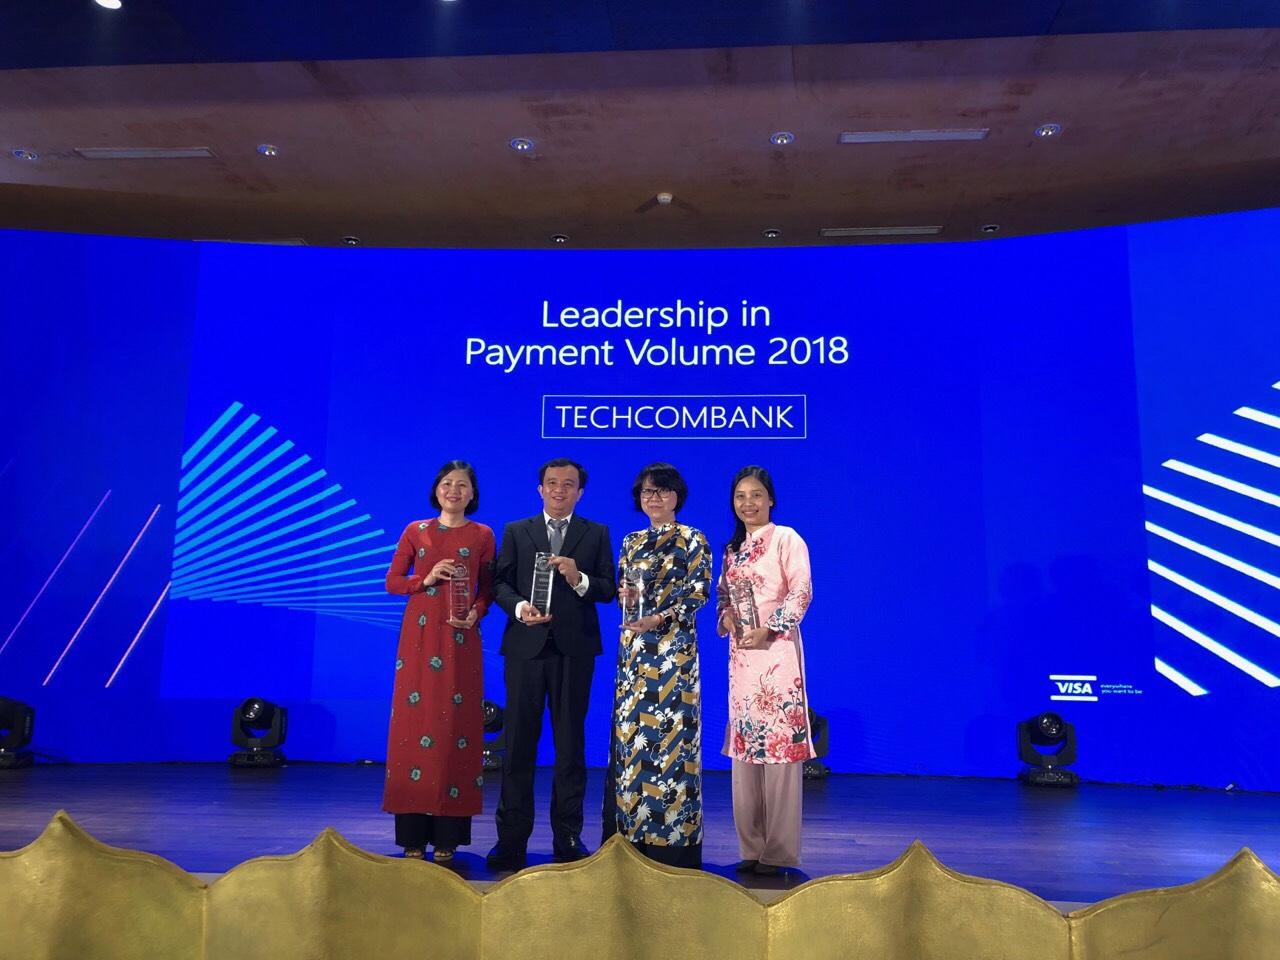 Techcombank dẫn đầu thị trường về doanh số thanh toán qua thẻ Visa tại Việt Nam - Ảnh 1